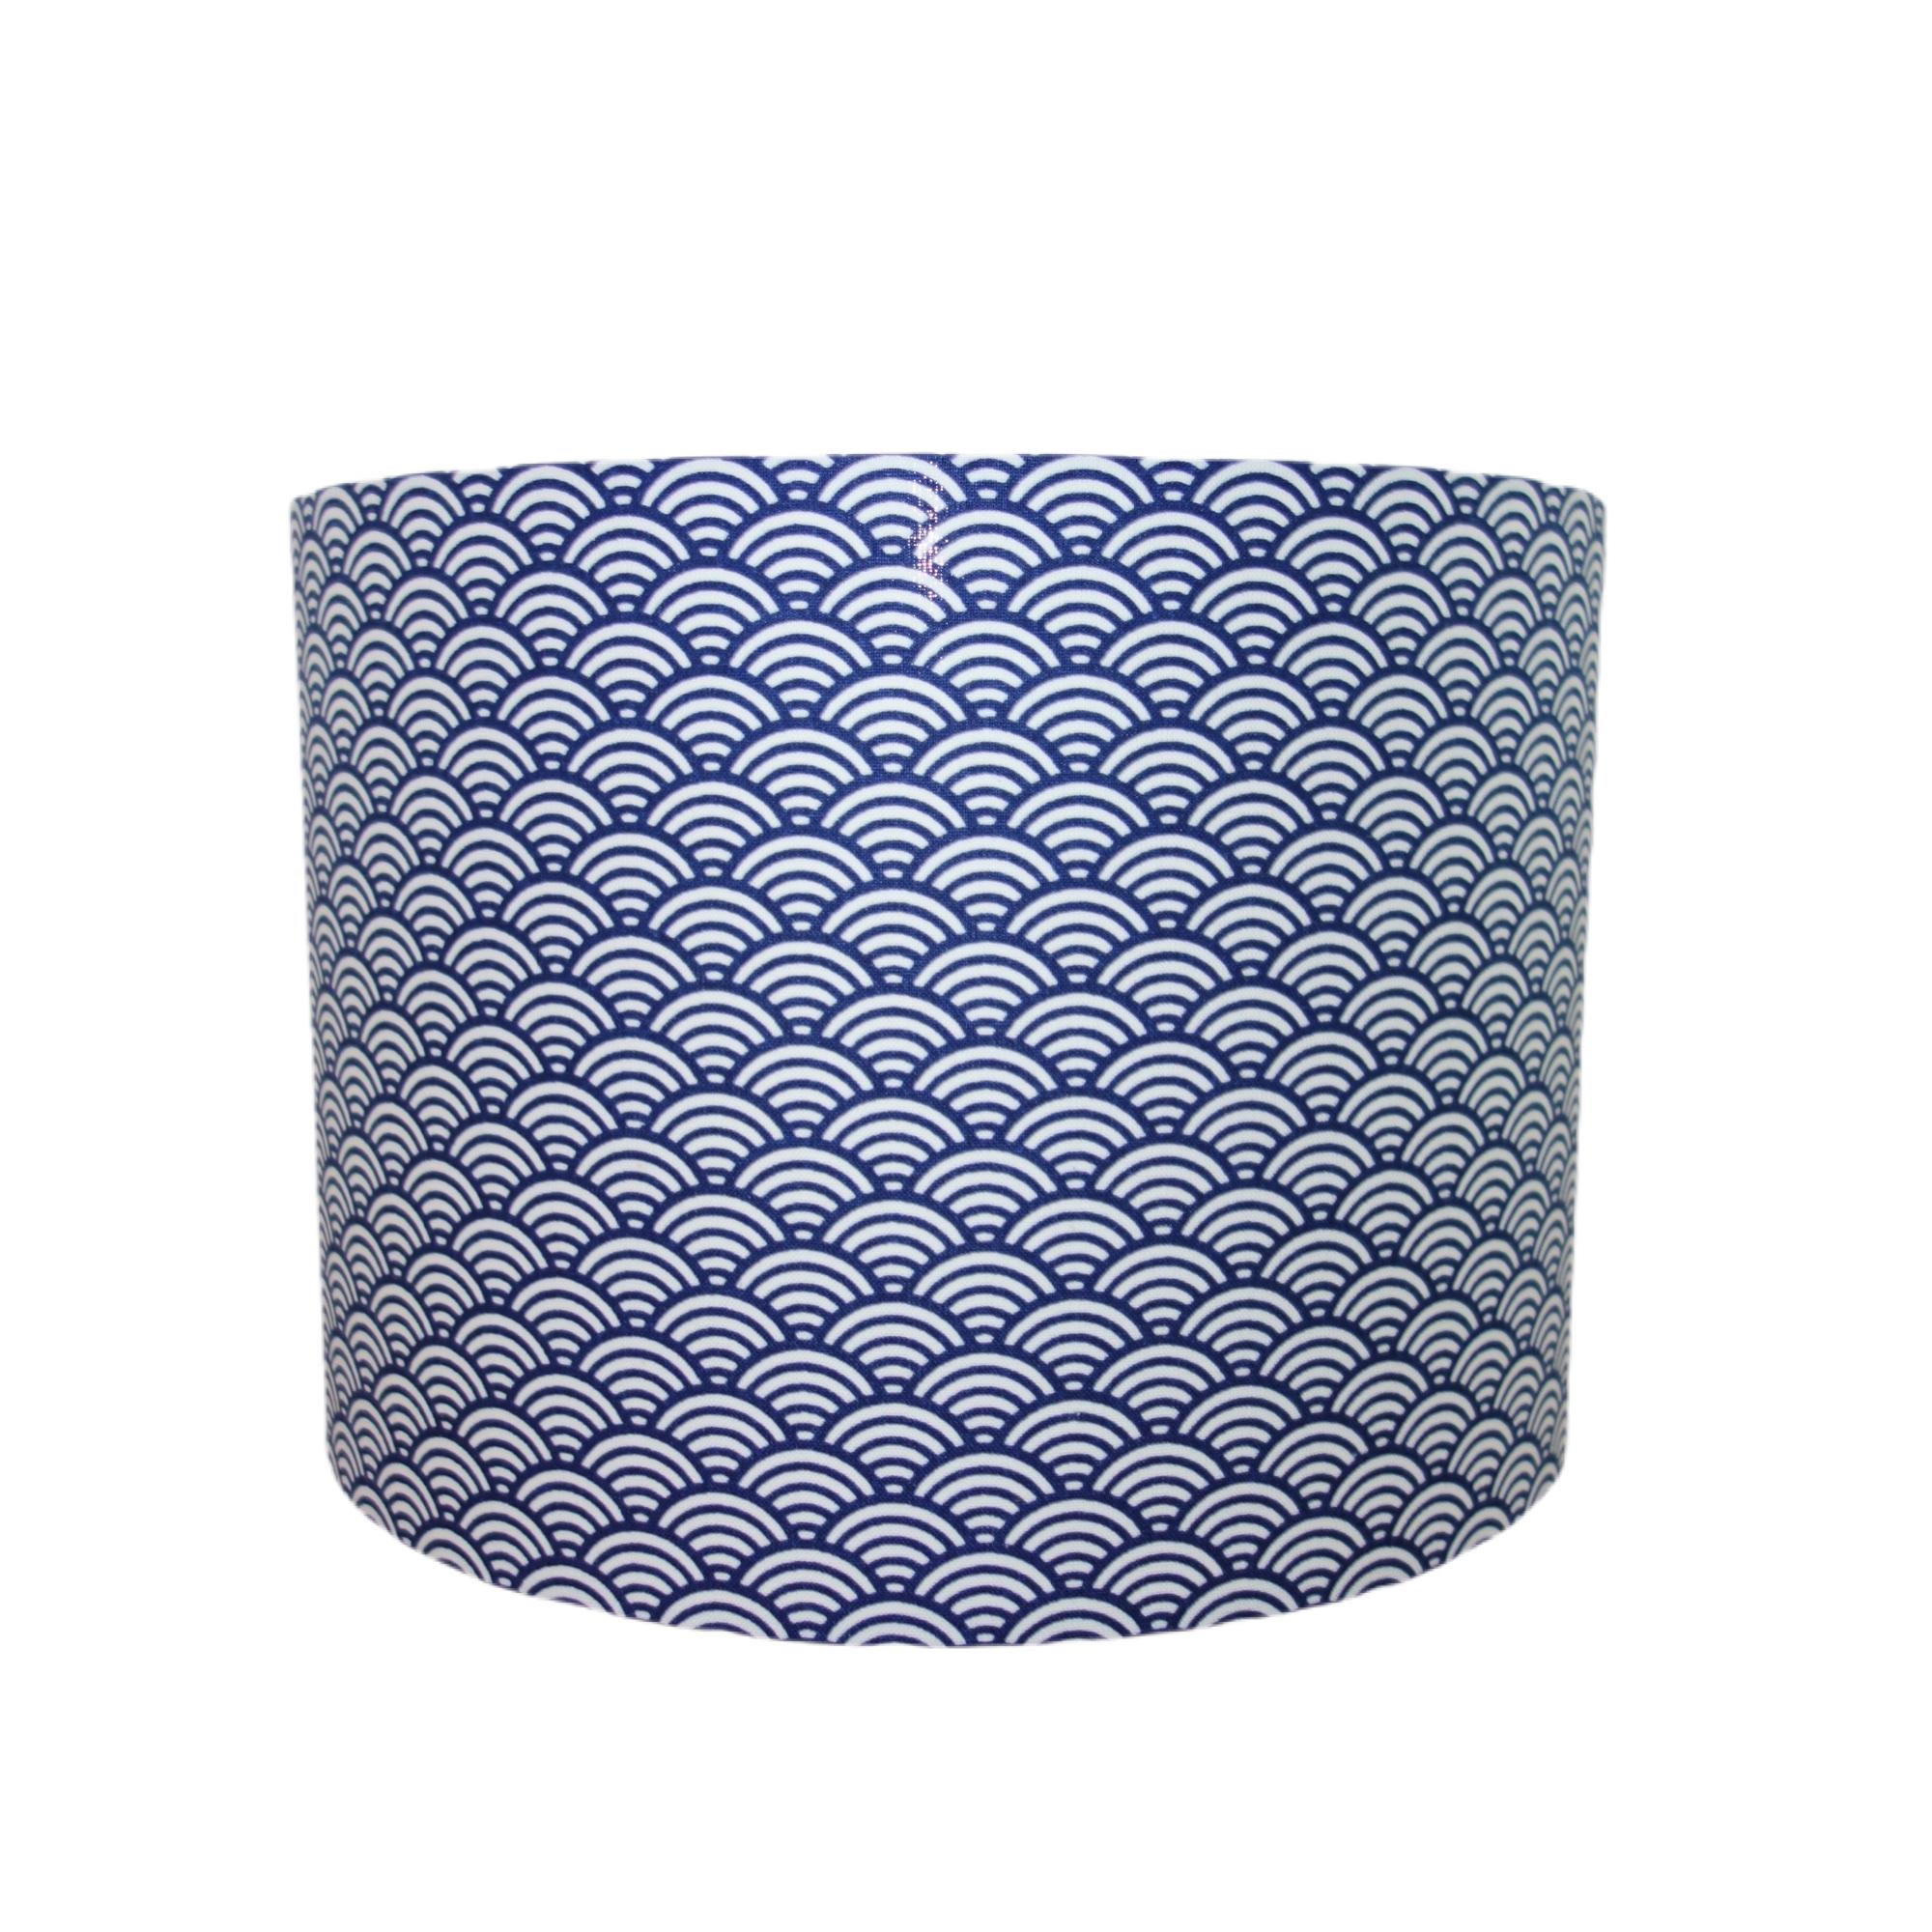 Suspension vague bleu marine diamètre 25 cm